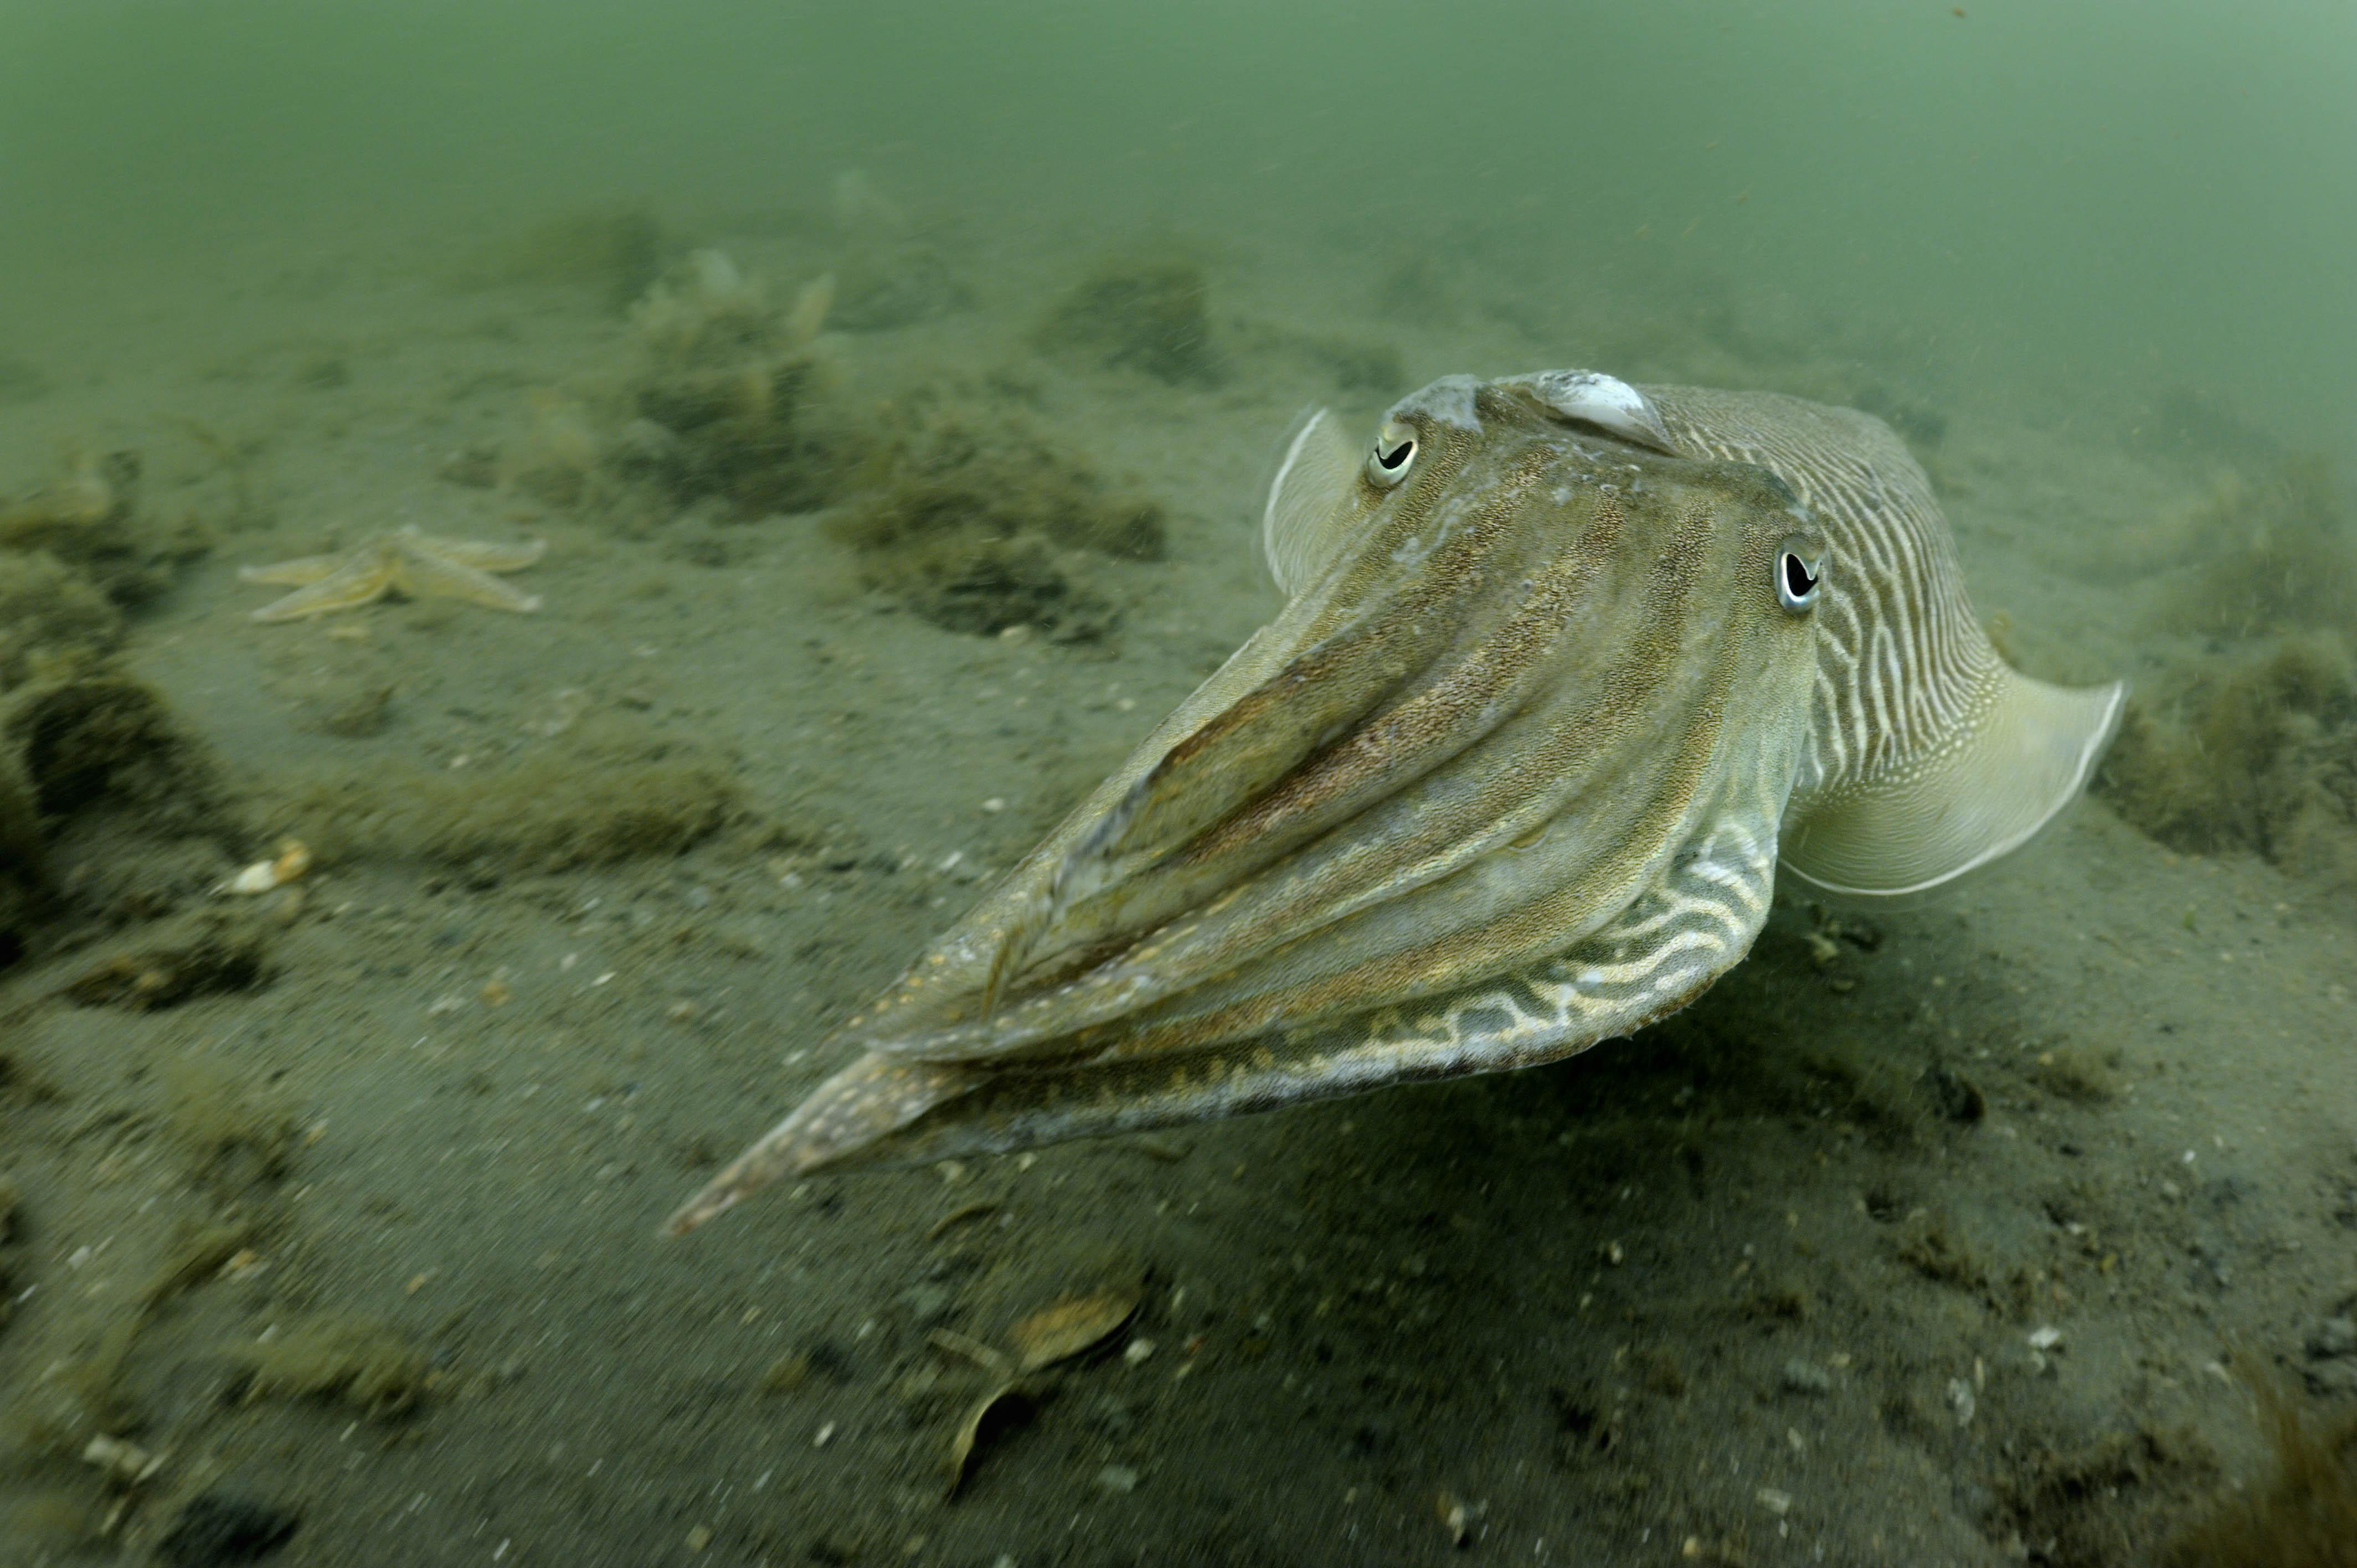 Sepia's zwemmen in het voorjaar de Oosterschelde in om zich voort te planten ; Common cuttlefish swimming up the Dutch Oosterschelde to breed.